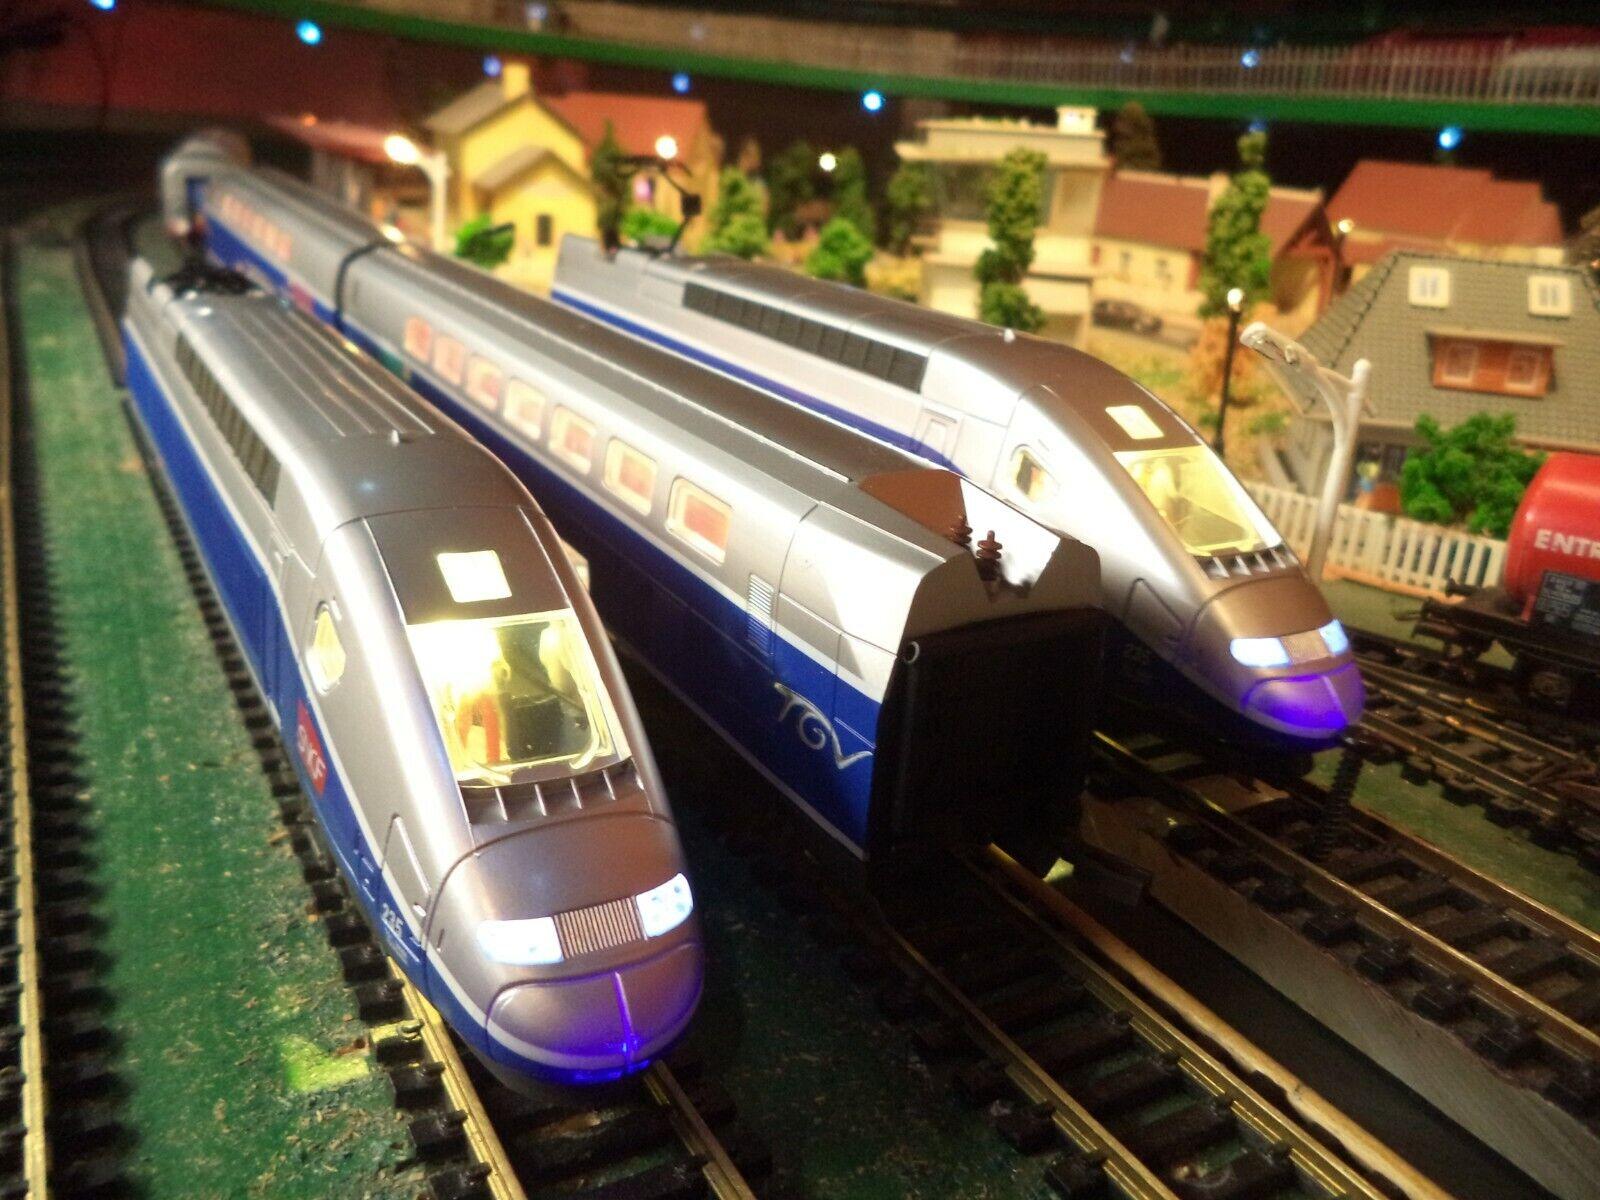 Train electrique - tgv duplex mehano avec éclairage réversible  ho 1/87 n°22